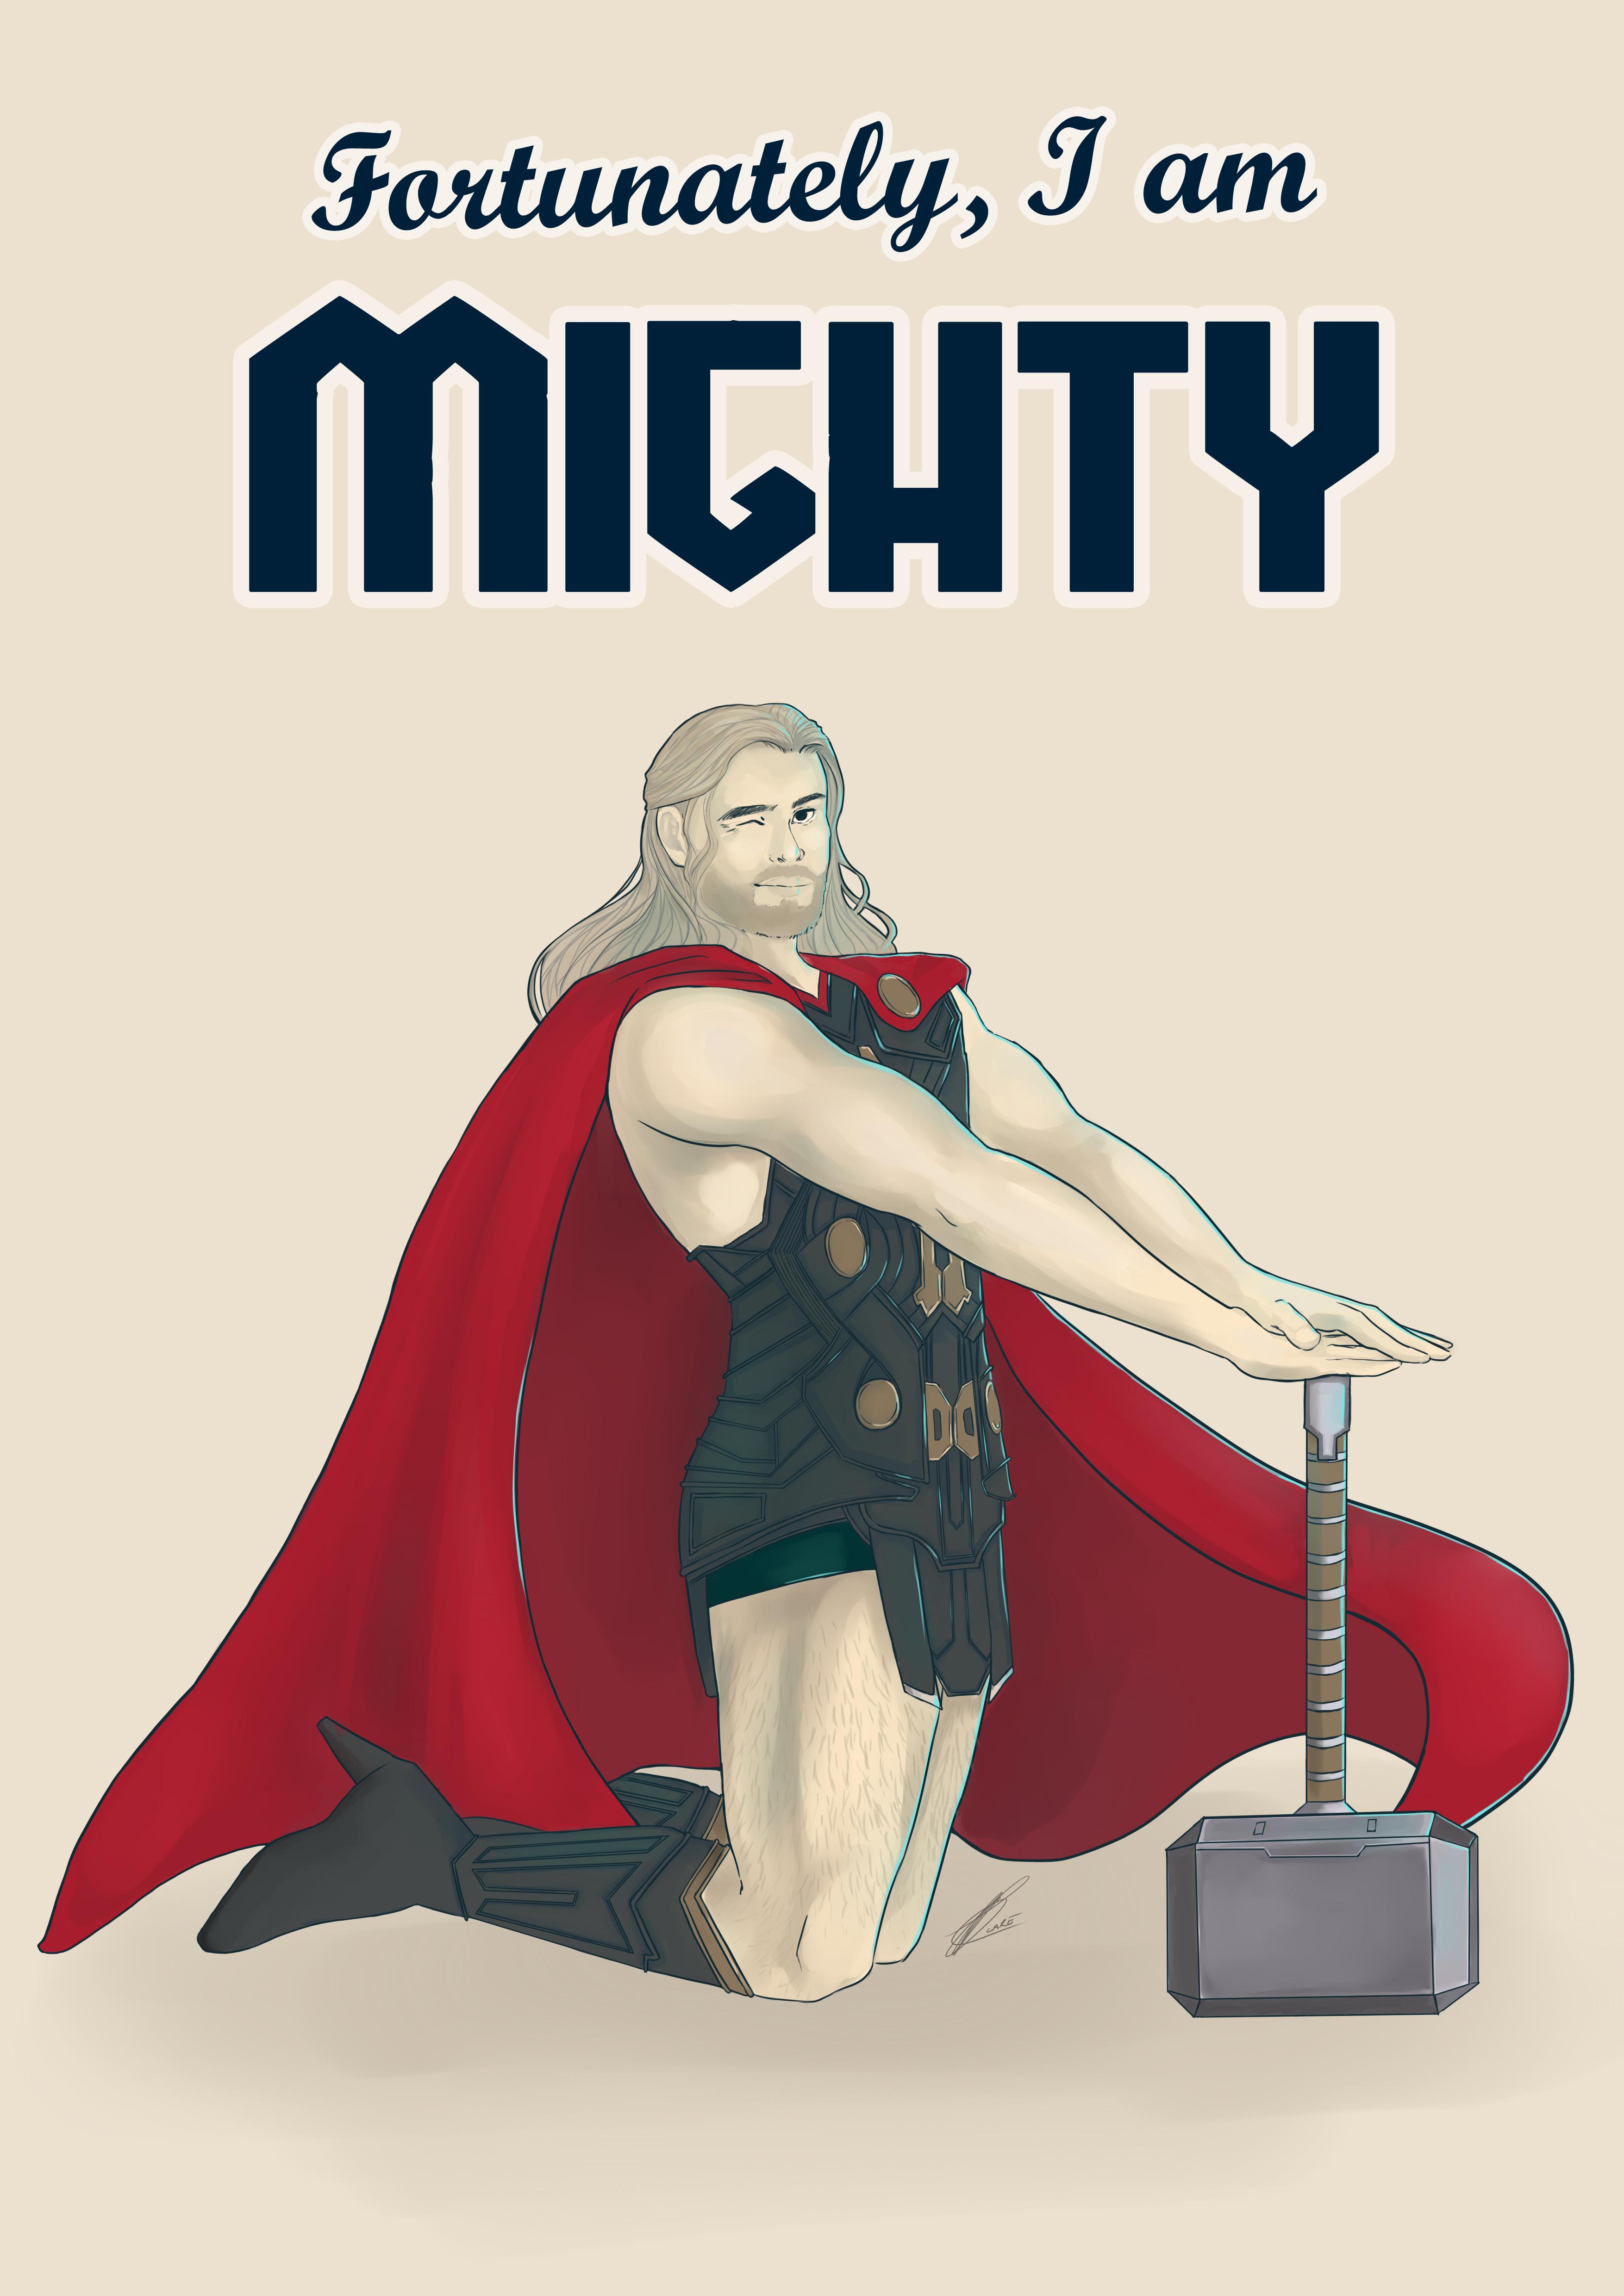 Thor Pin Up